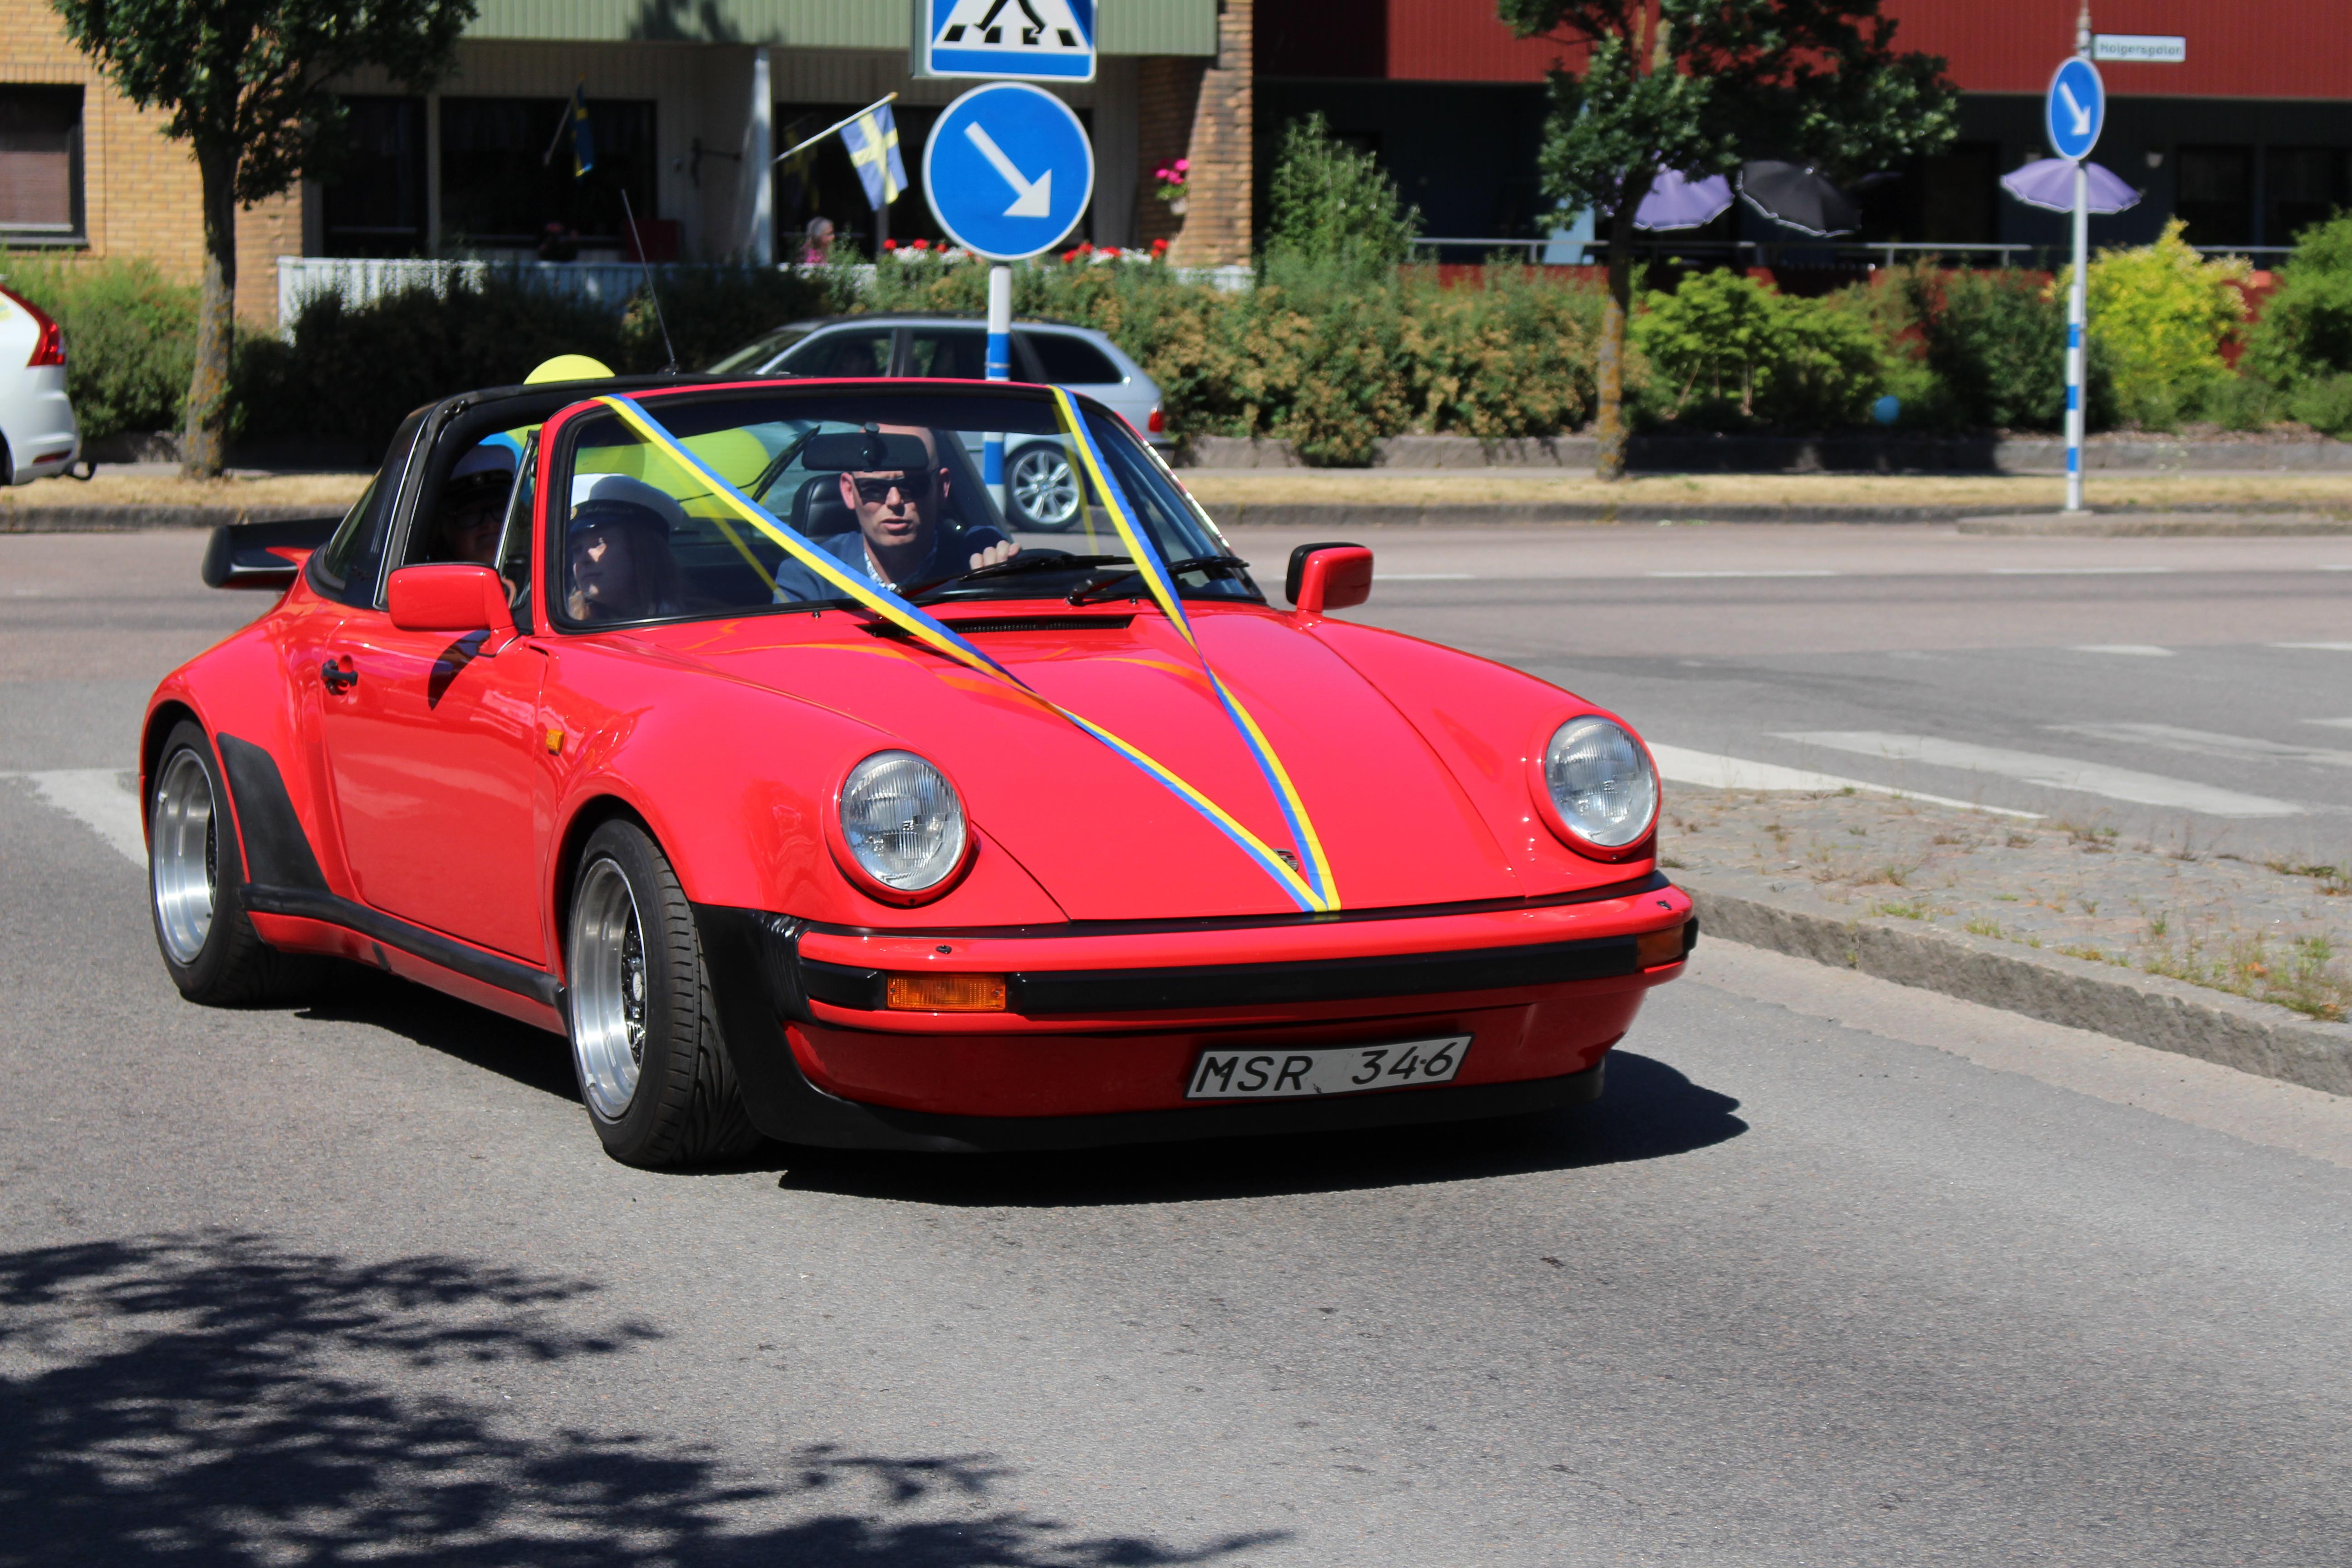 Ebba och Ebba med röd bil i kortegen